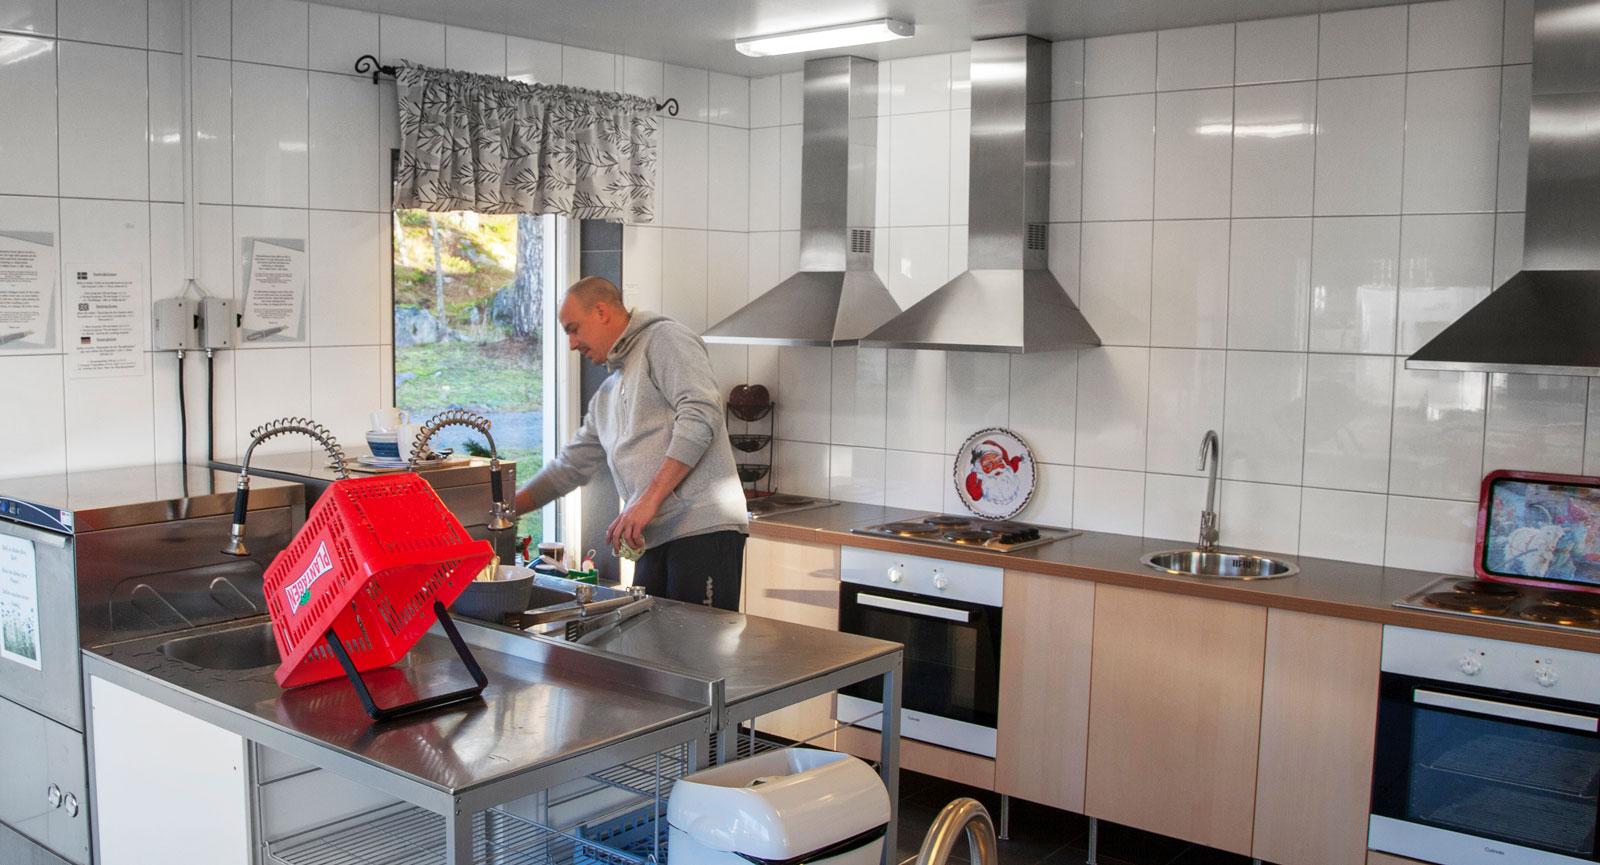 Restaurangdiskmaskiner förkortar disktiden.